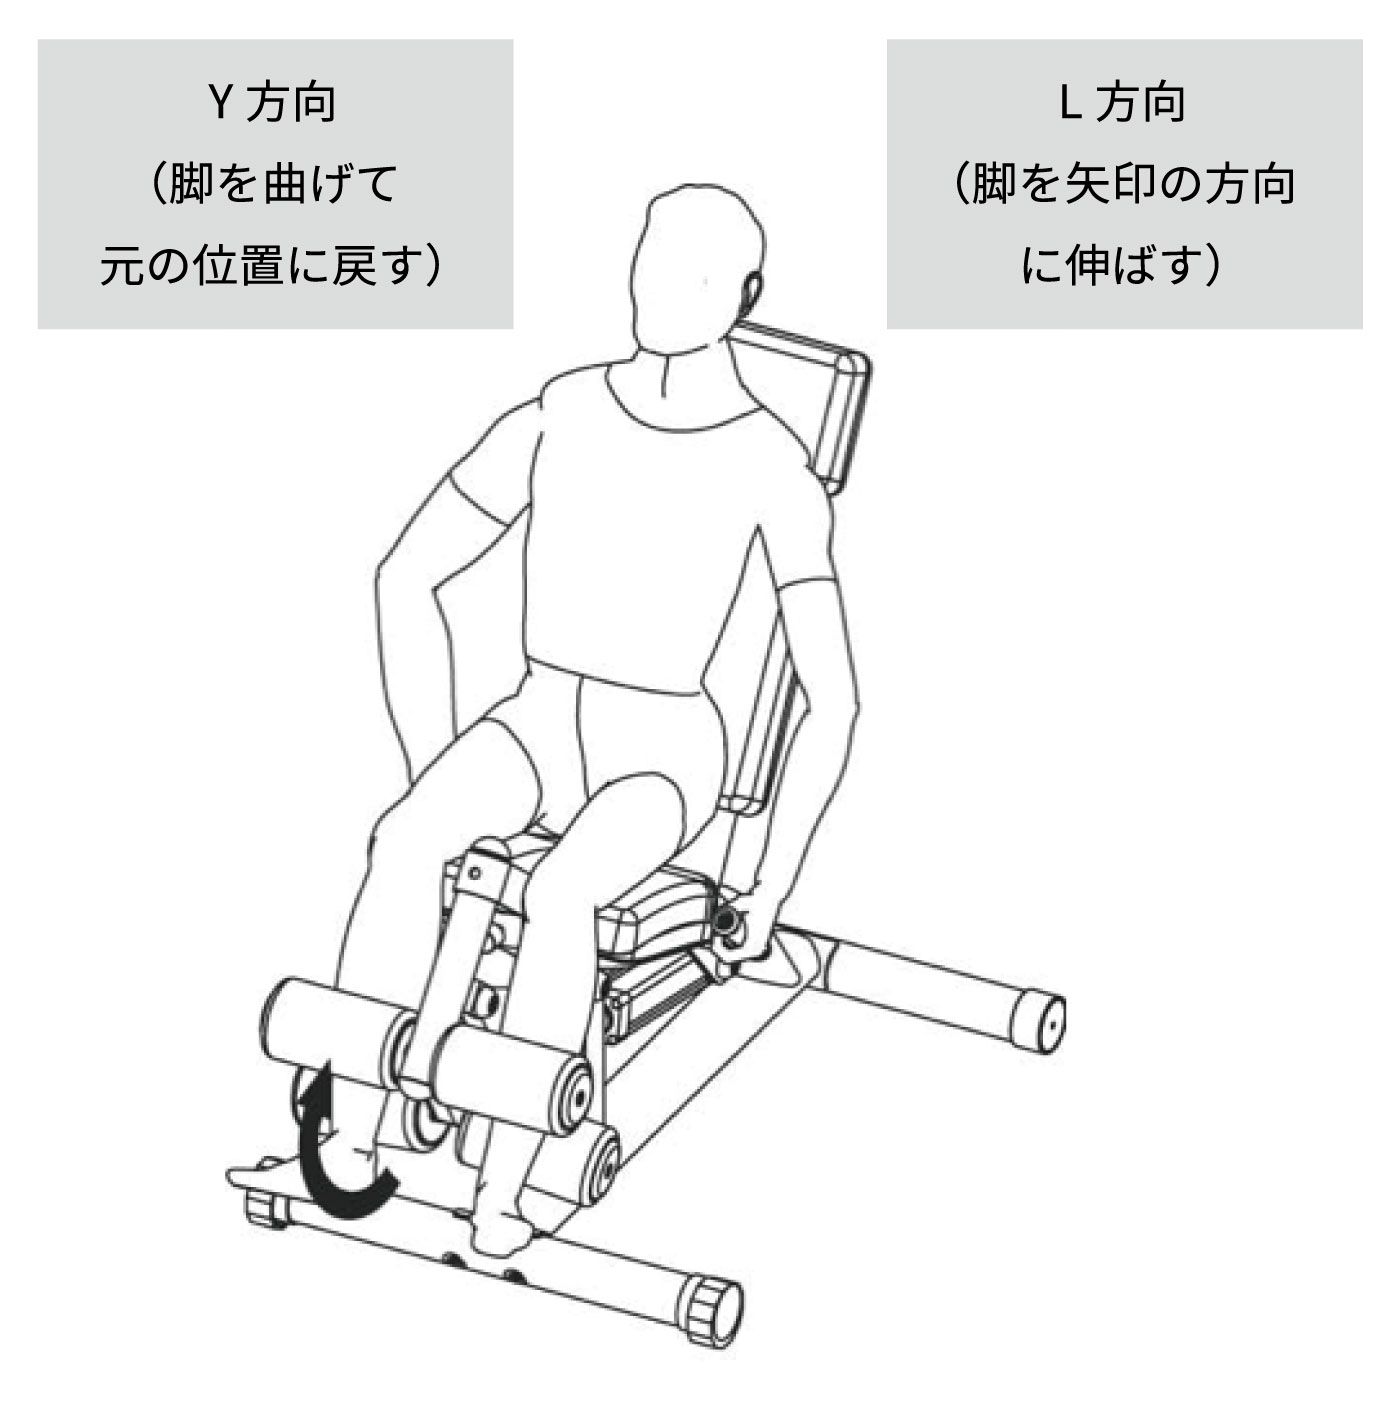 レッグカール/エクステンションのやり方